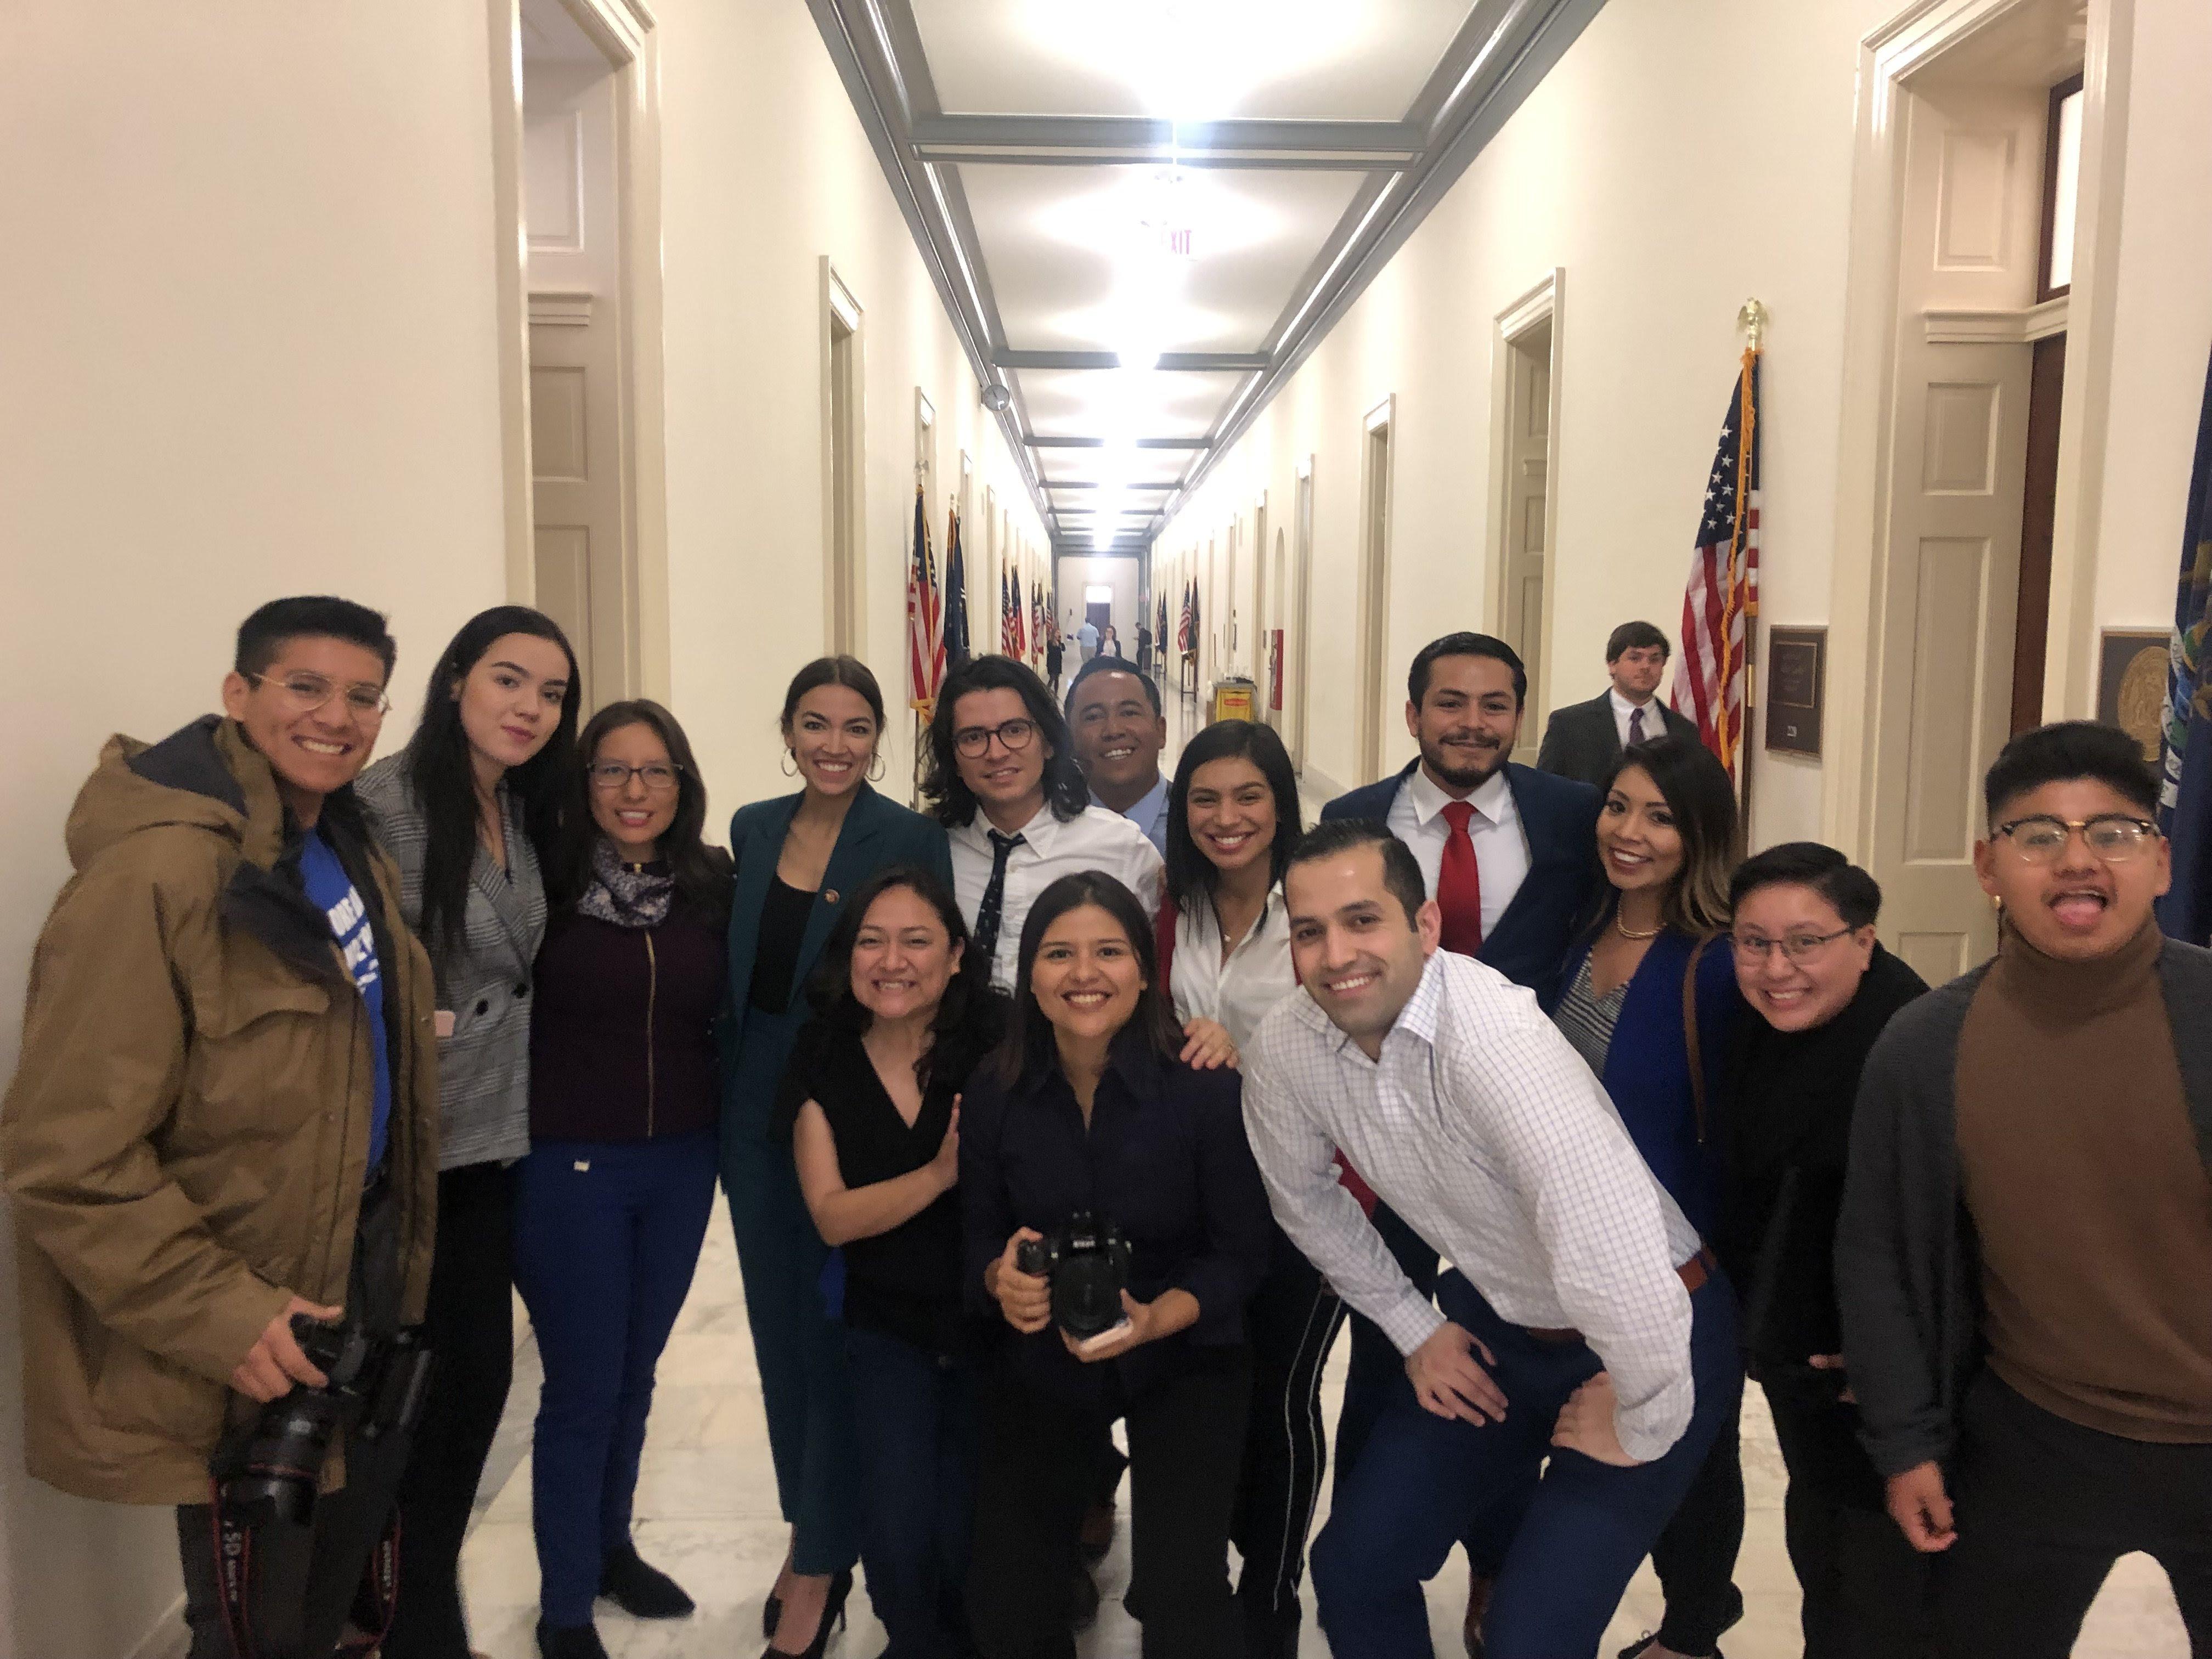 El mes pasado, un grupo de dreamers fueron a Washington, D.C. a abogar por el restablecimiento del Advance Parole, el permiso oficial para viajar al exterior y regresar si problemas a EE UU. (Foto suministrado)